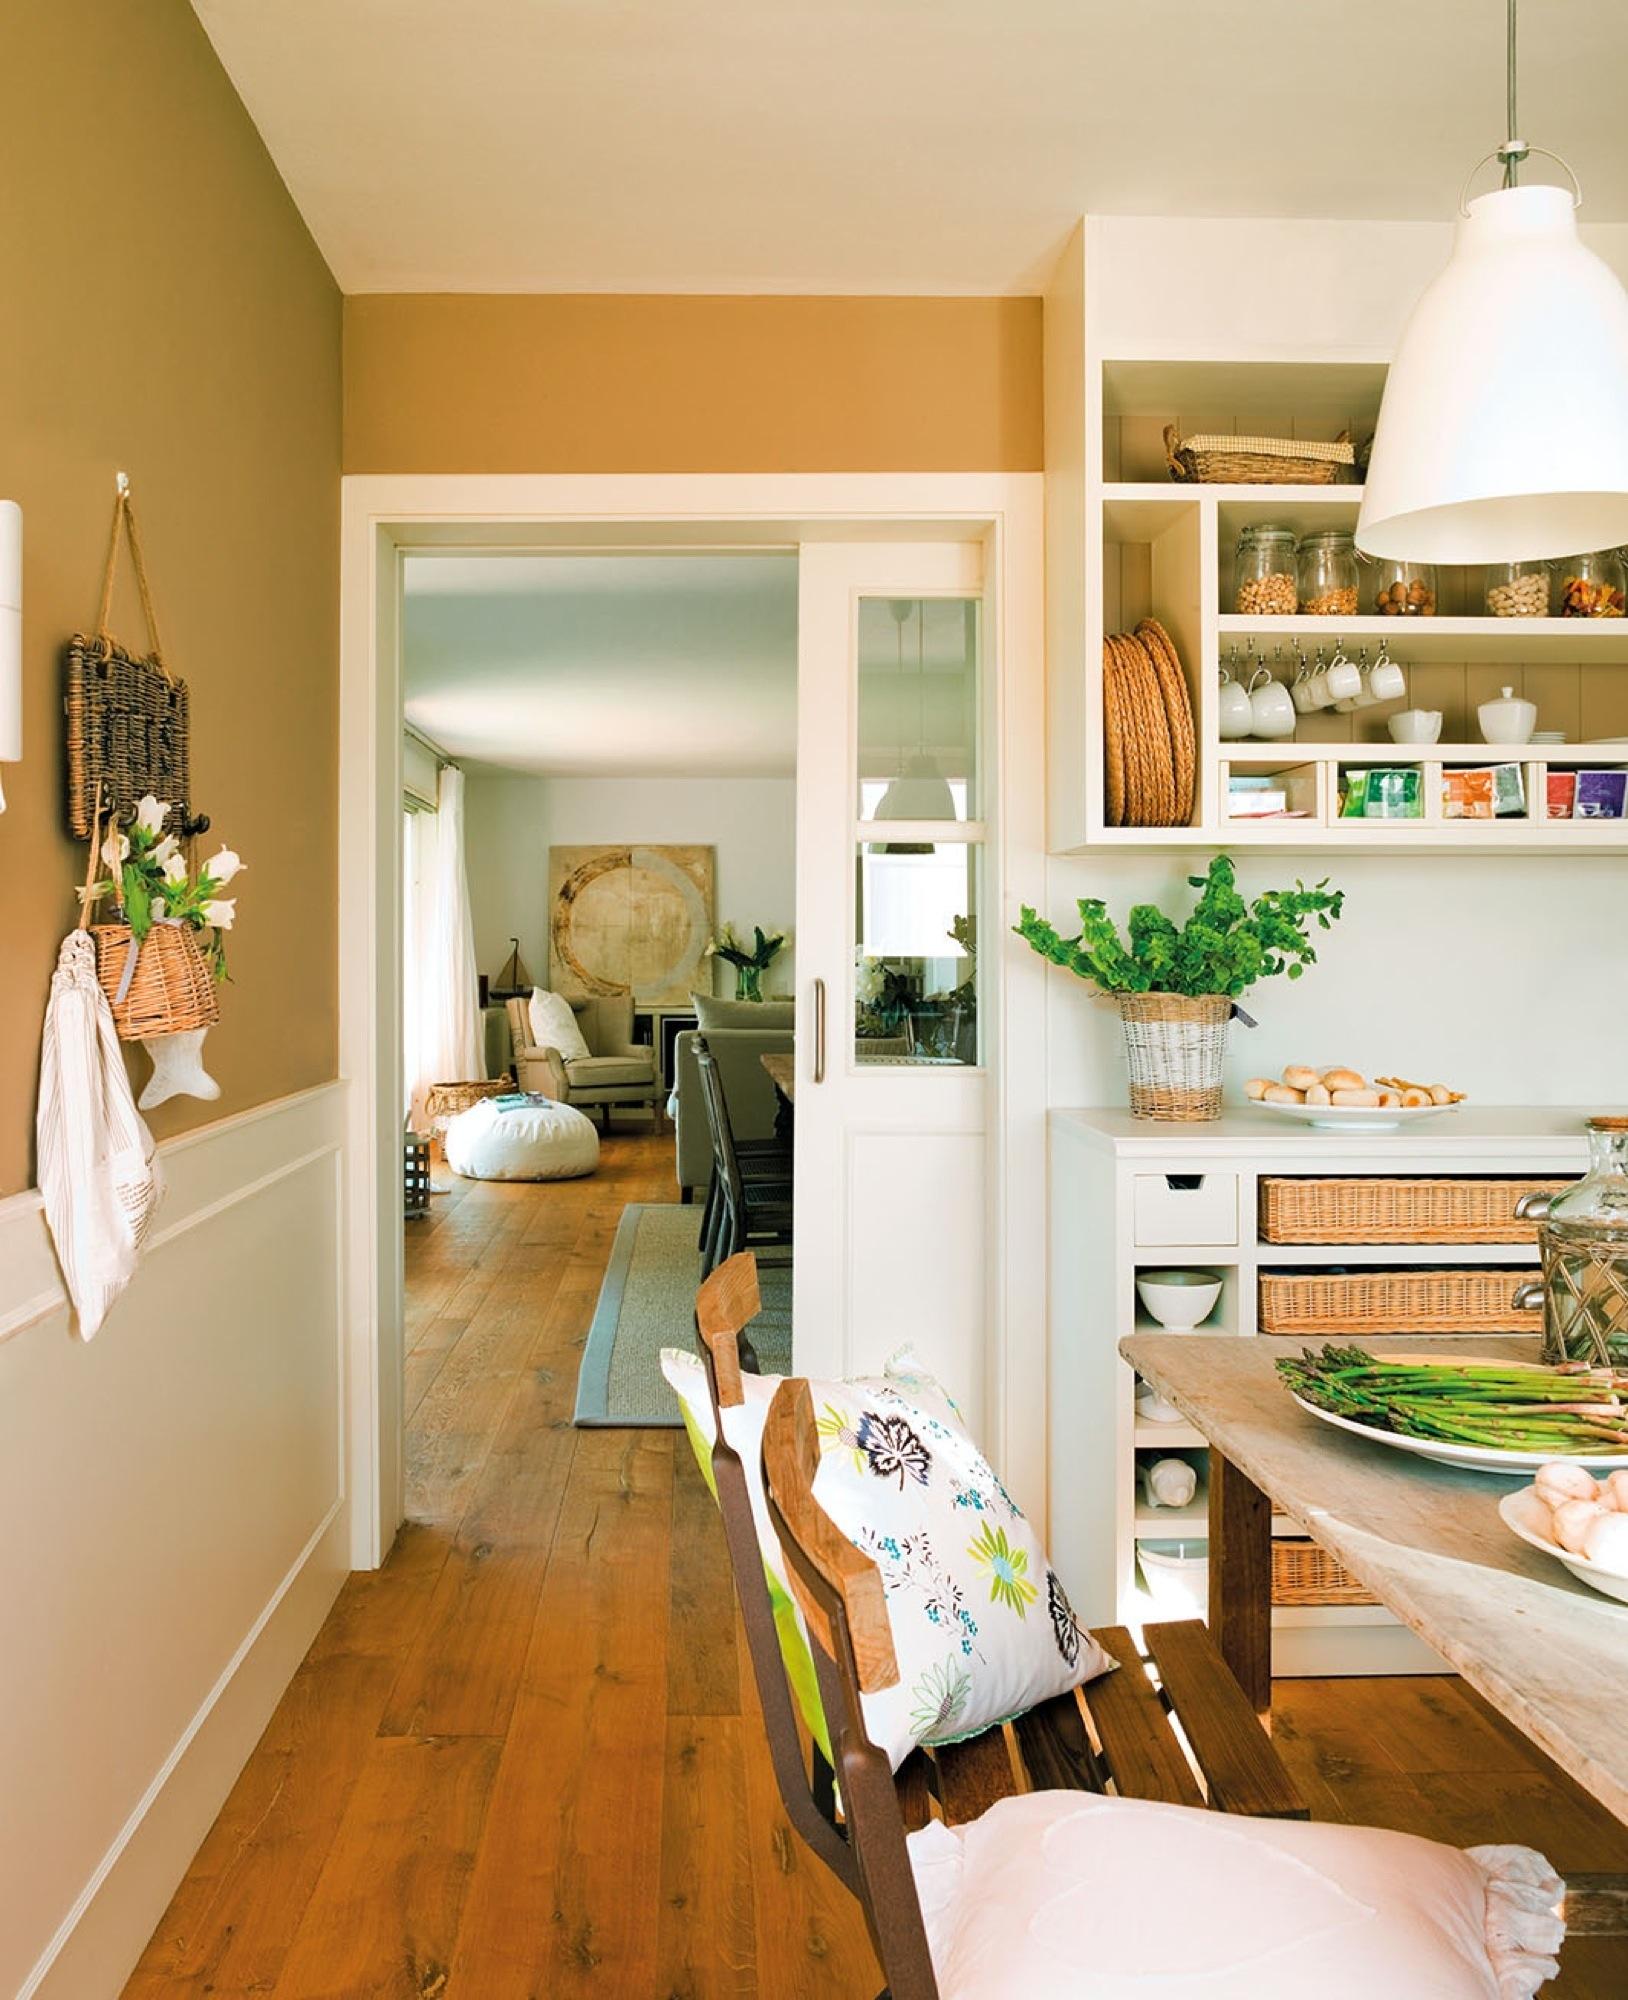 Orden en la cocina  consejos y trucos para guardarlo todo a73d0b31b951